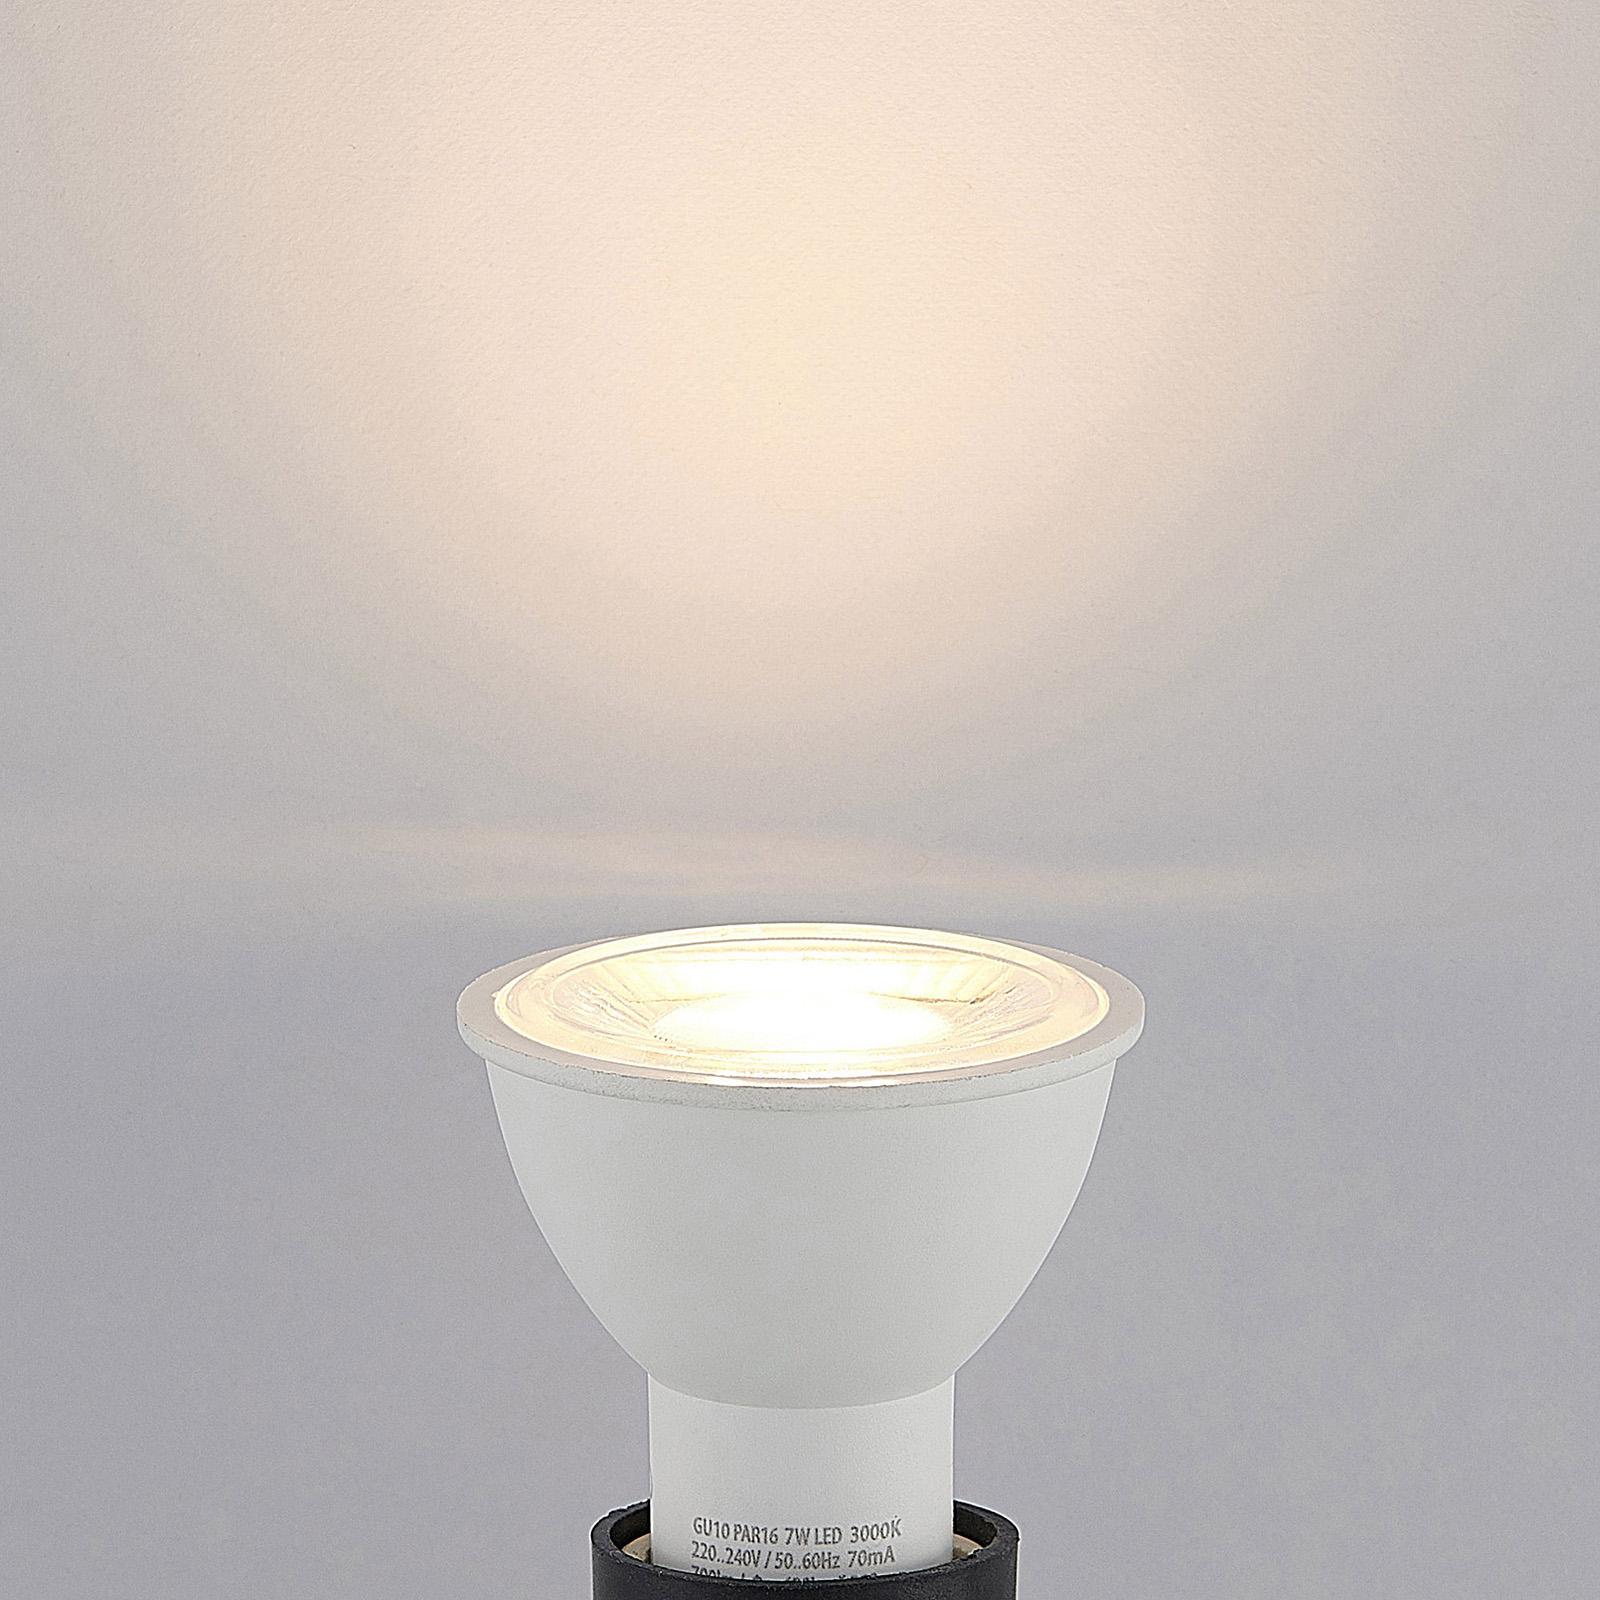 LED-reflektor GU10 7 W 3 000 K 38°